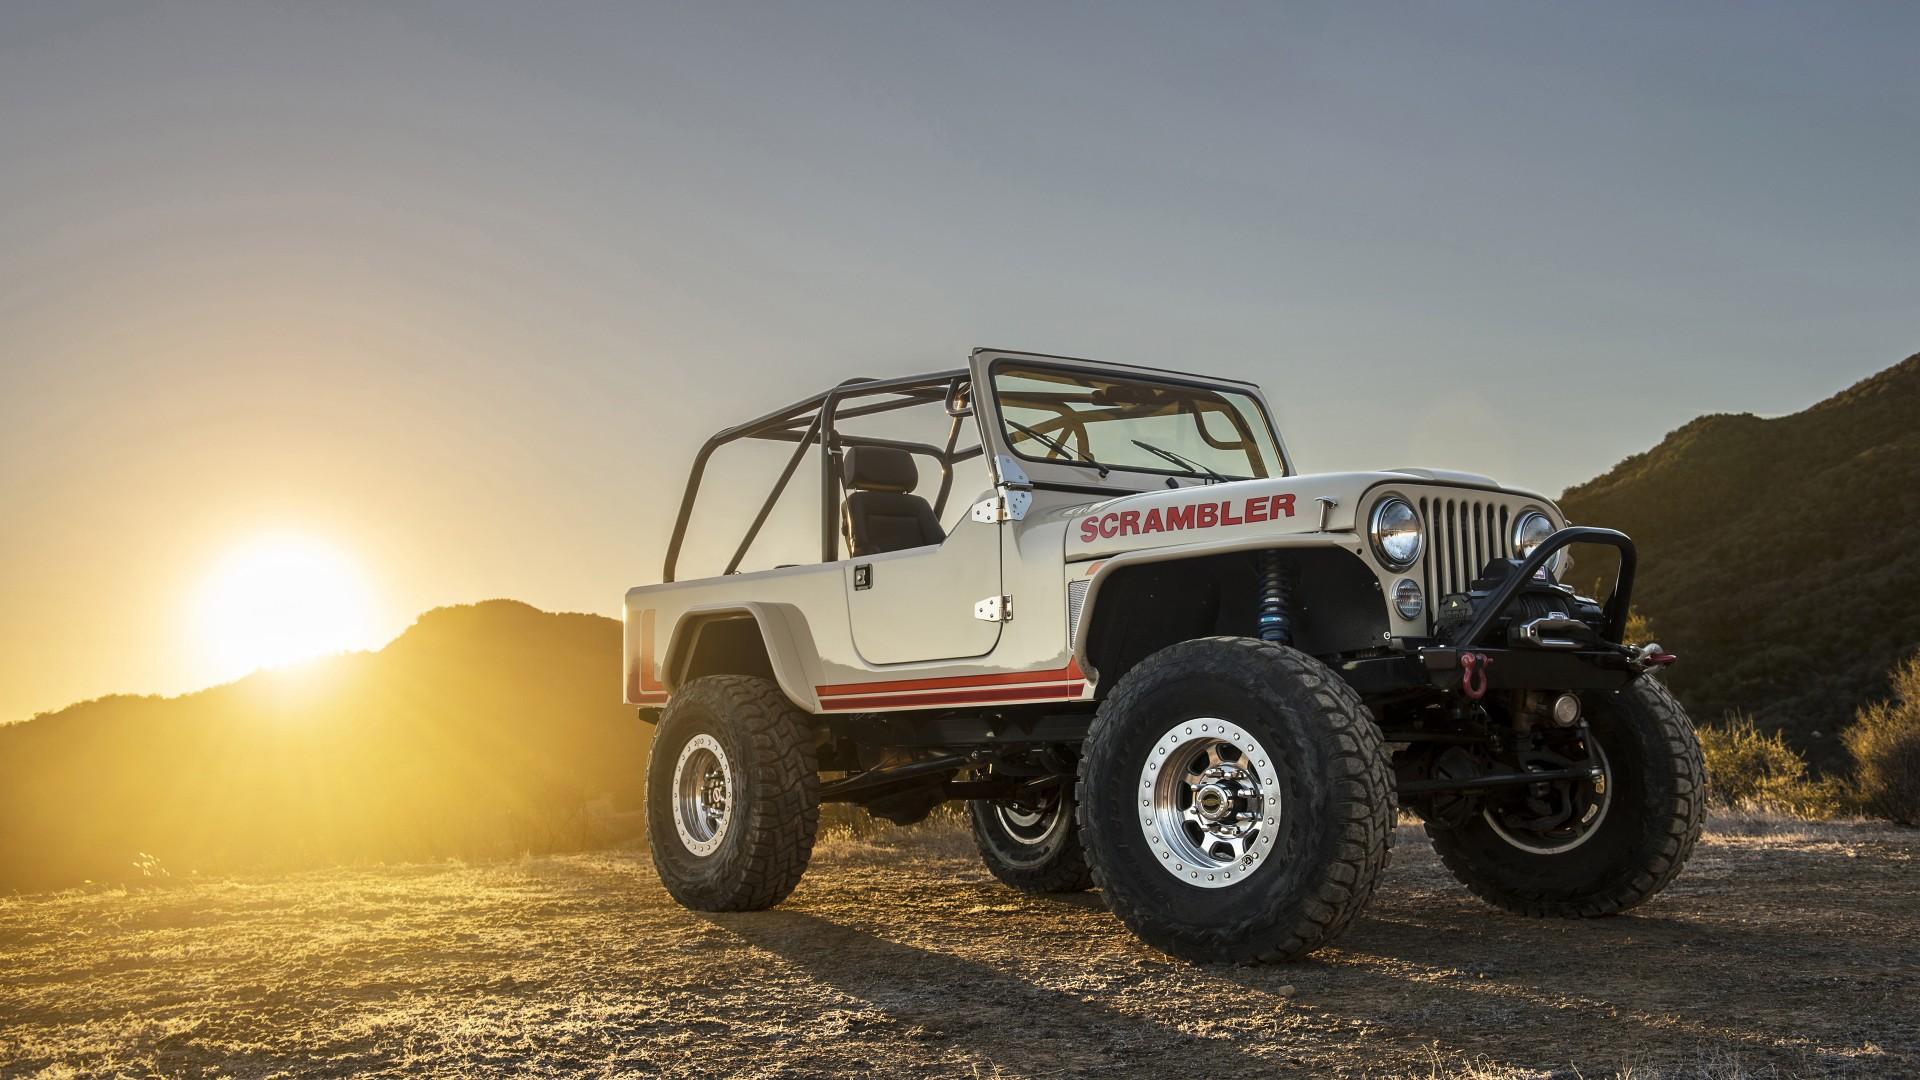 Jeep Cj8 Scrambler Wallpaper Hd Car Wallpapers Id 6787